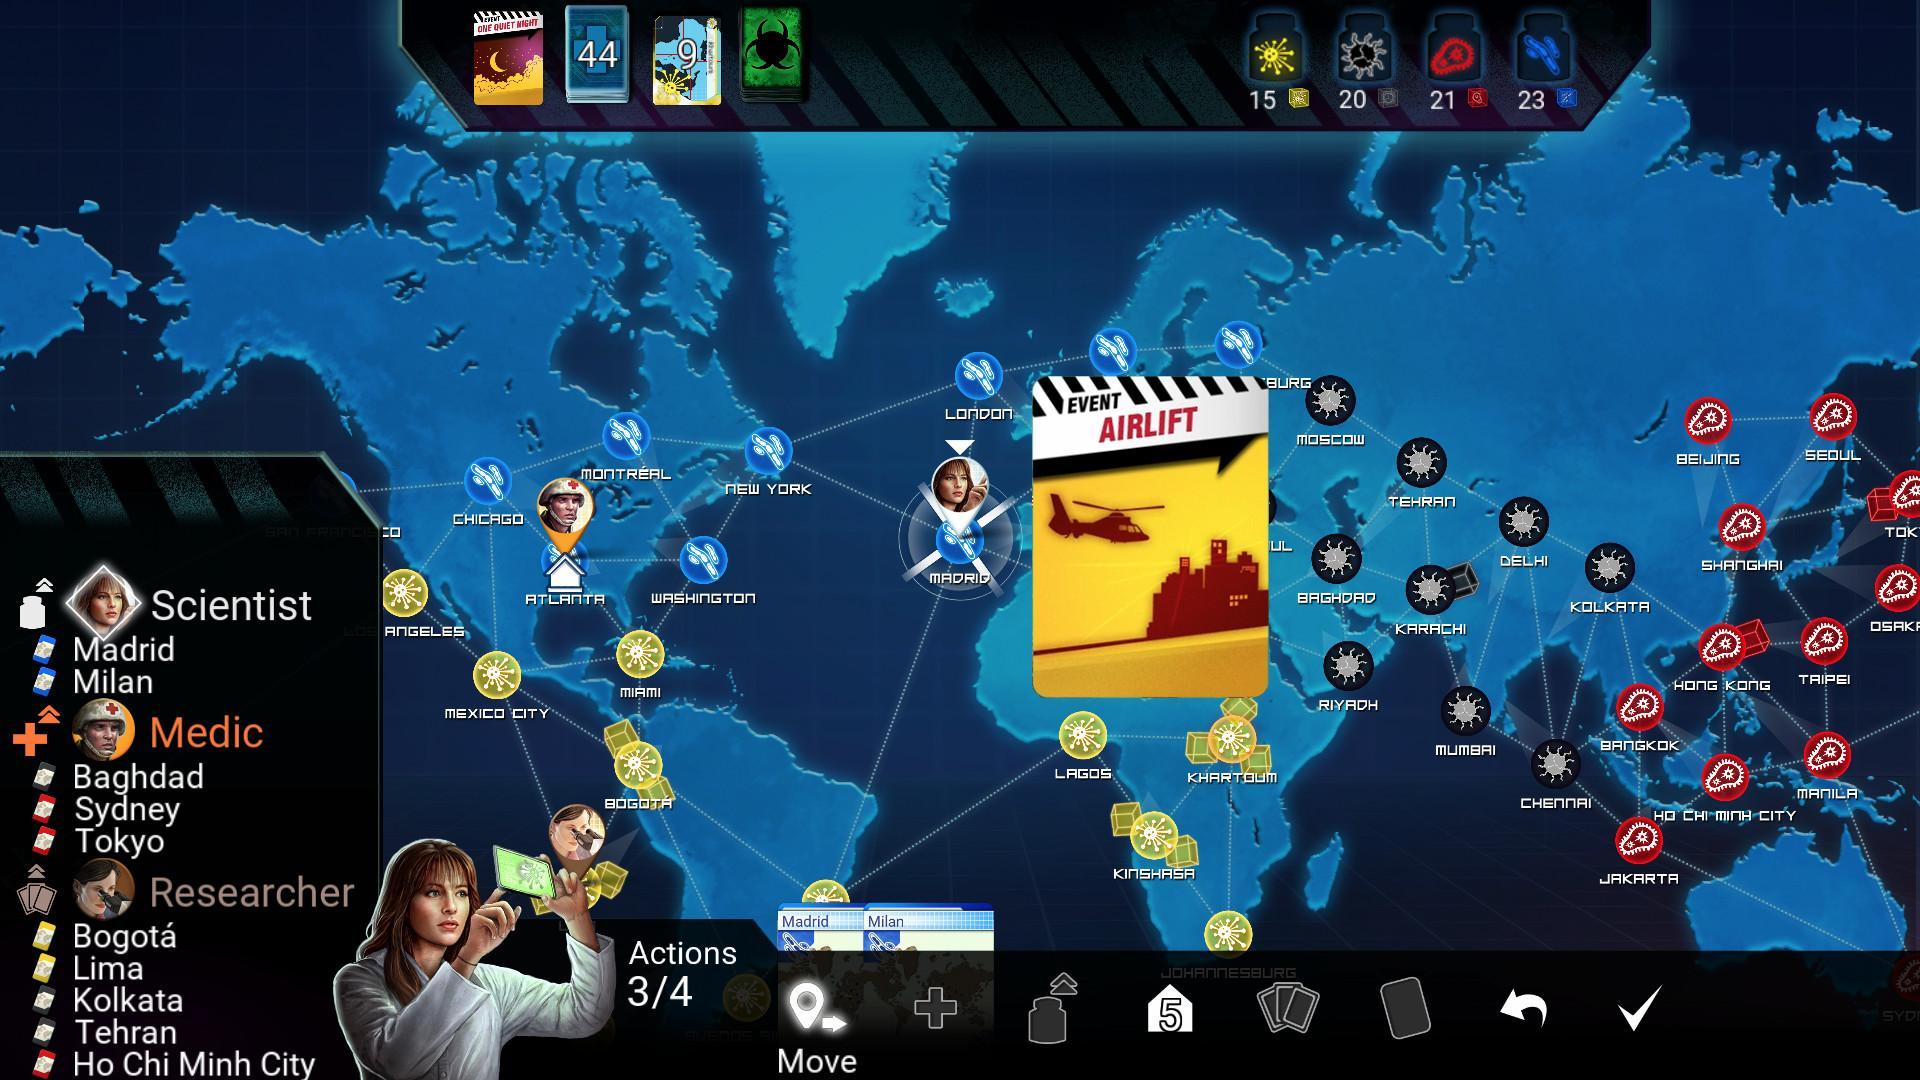 怕疫癥傷害大家感情 疫苗研發遊戲《瘟疫危機》推遲放送 - 香港手機遊戲網 GameApps.hk